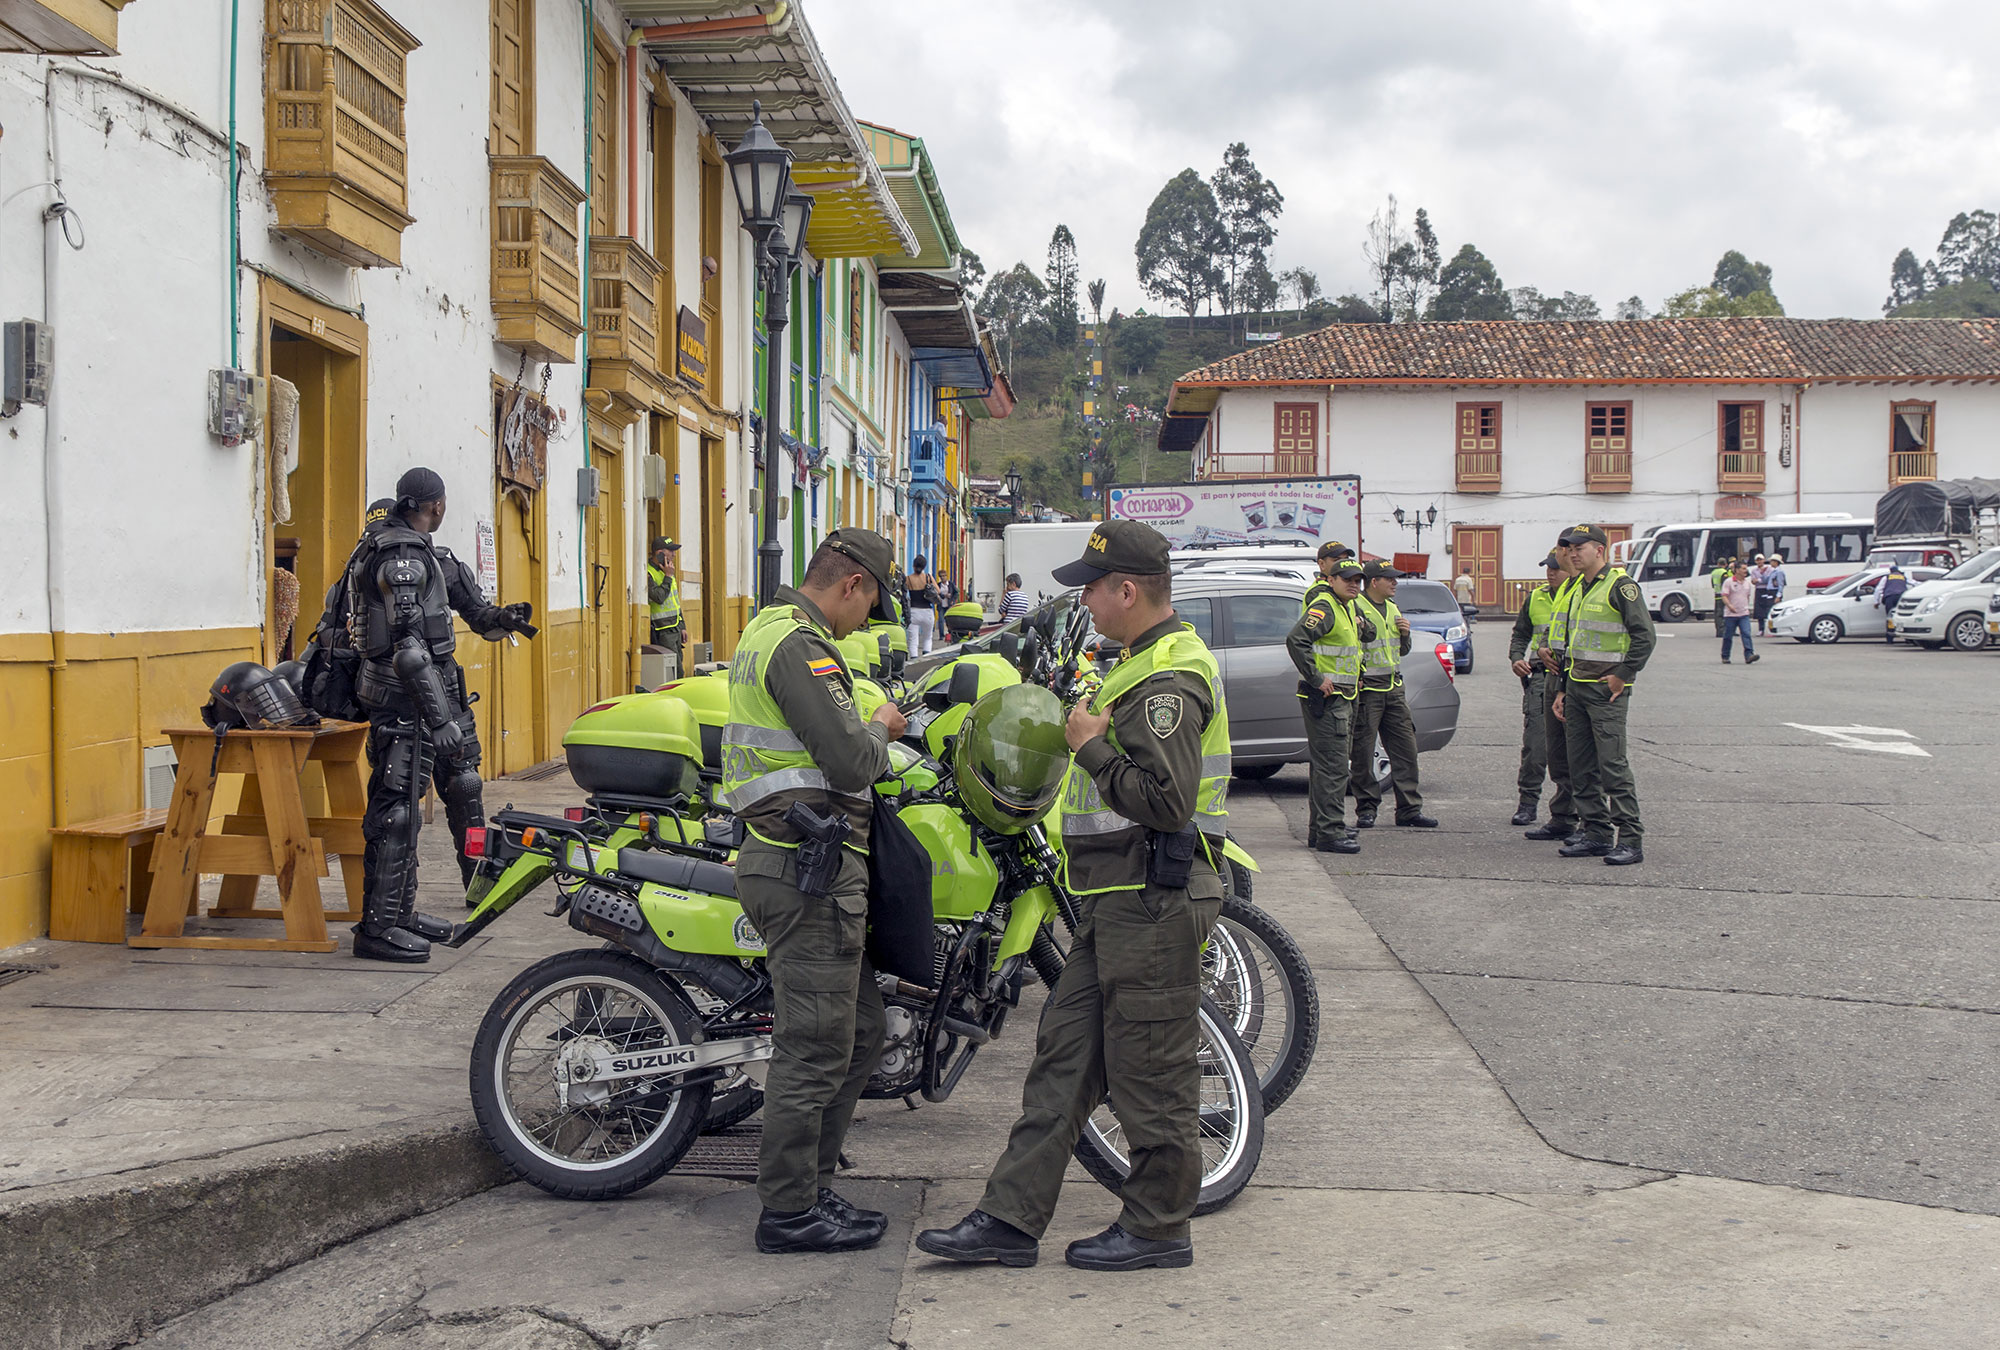 police officers in bogota city